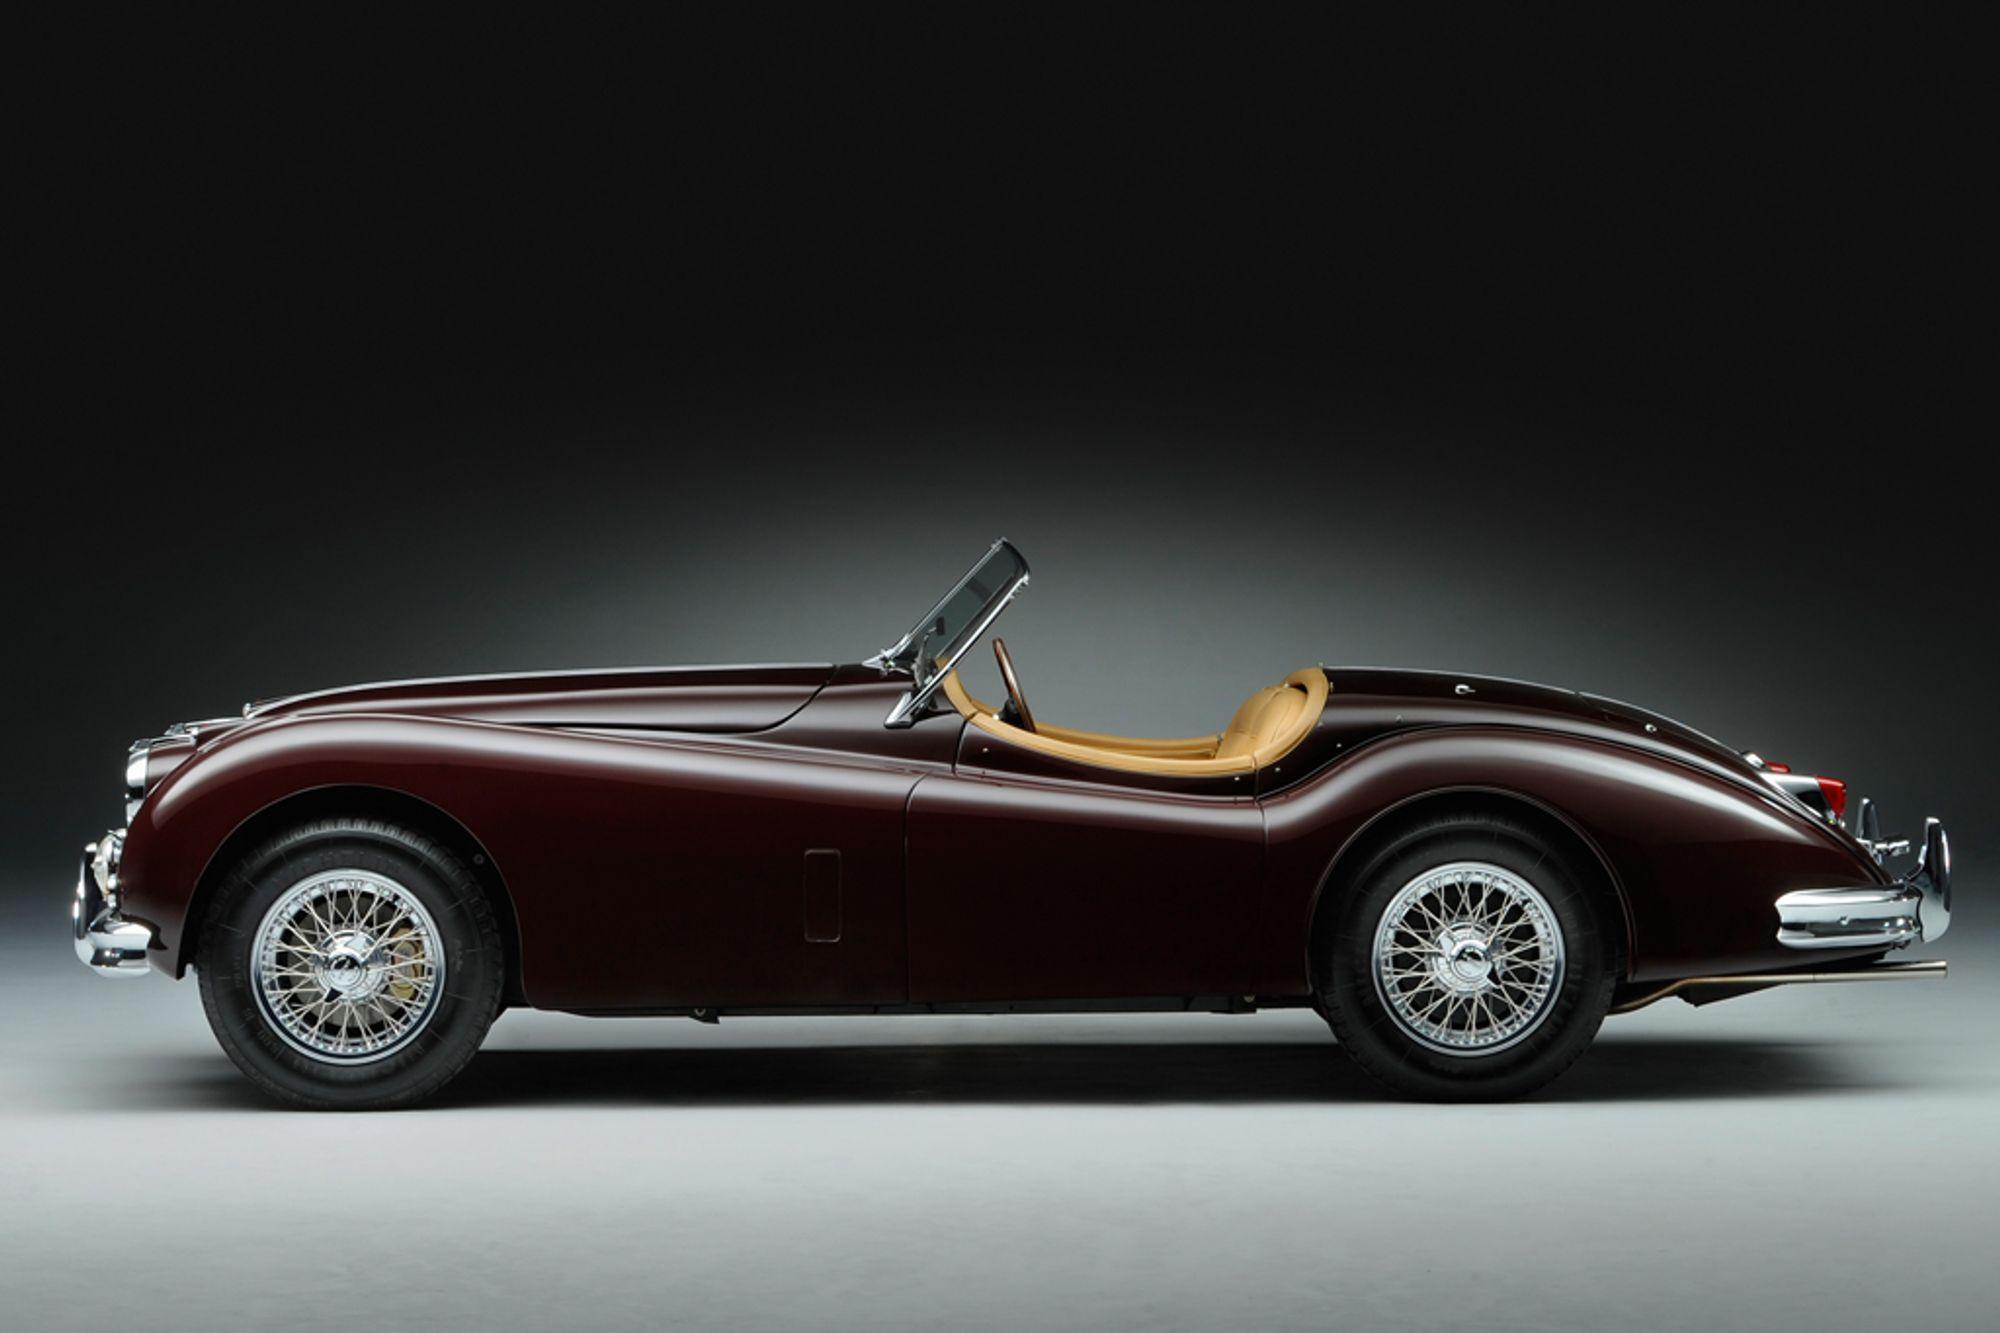 1955 Jaguar Xk140 Mc Lhd 3 4 Roadster Sold Woodham Mortimer